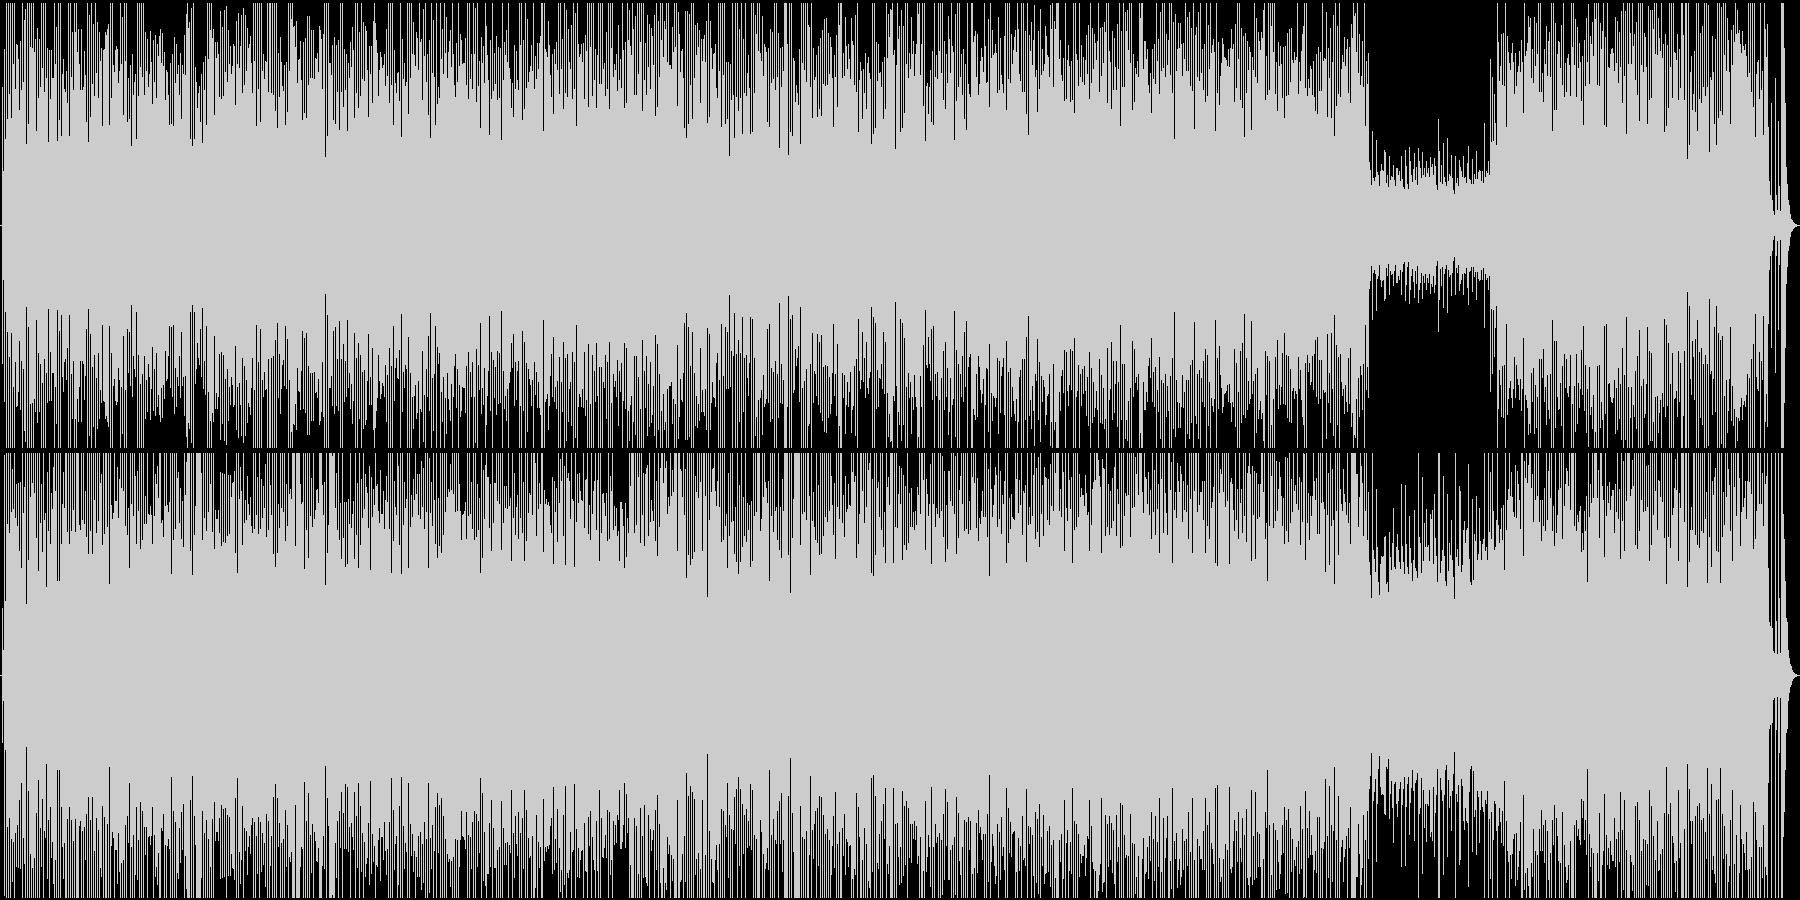 モータウン+ゴスペル+アイドルポップの未再生の波形